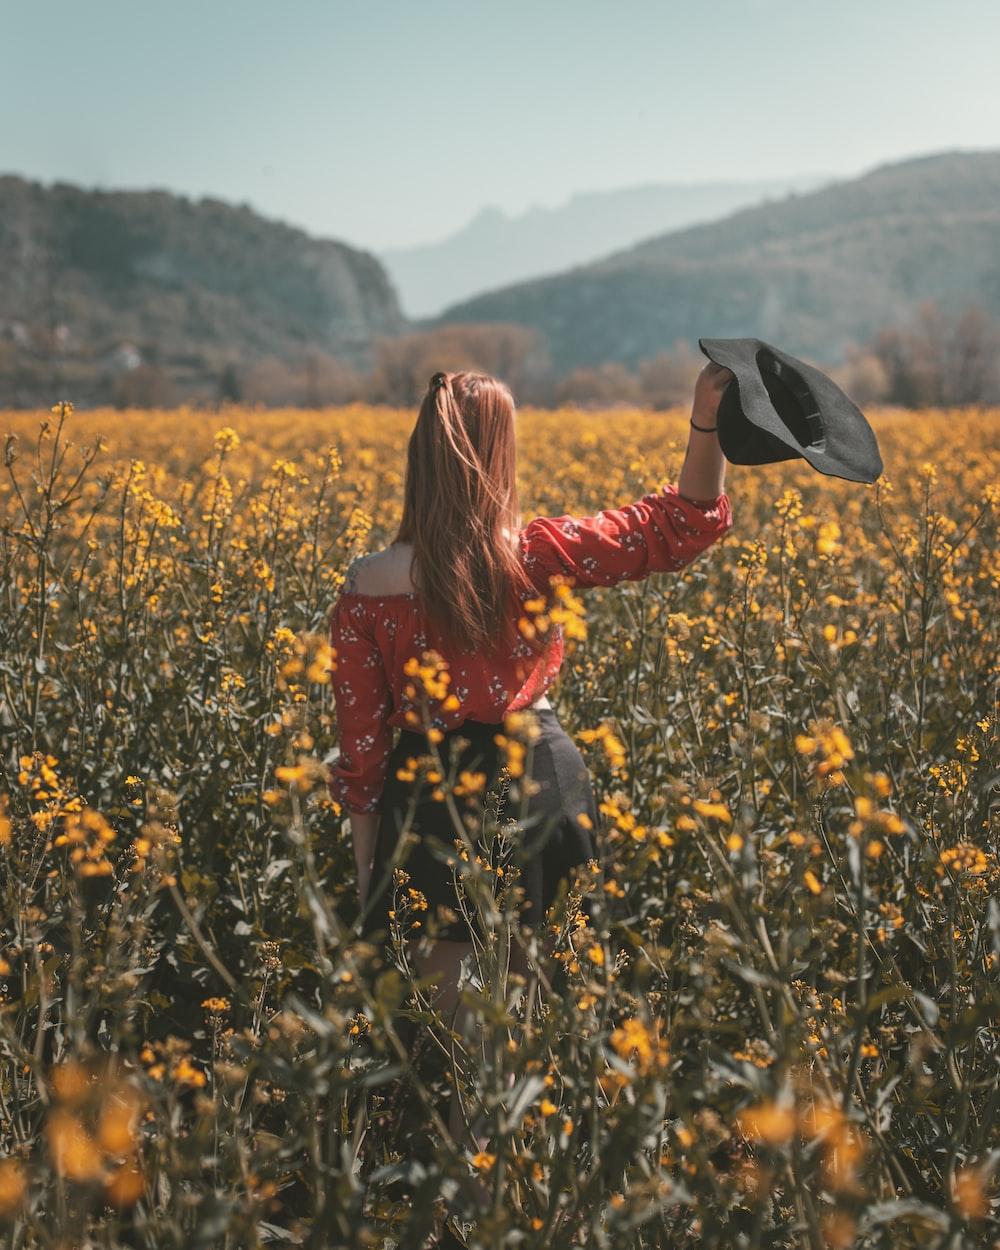 woman holding hat in flower field